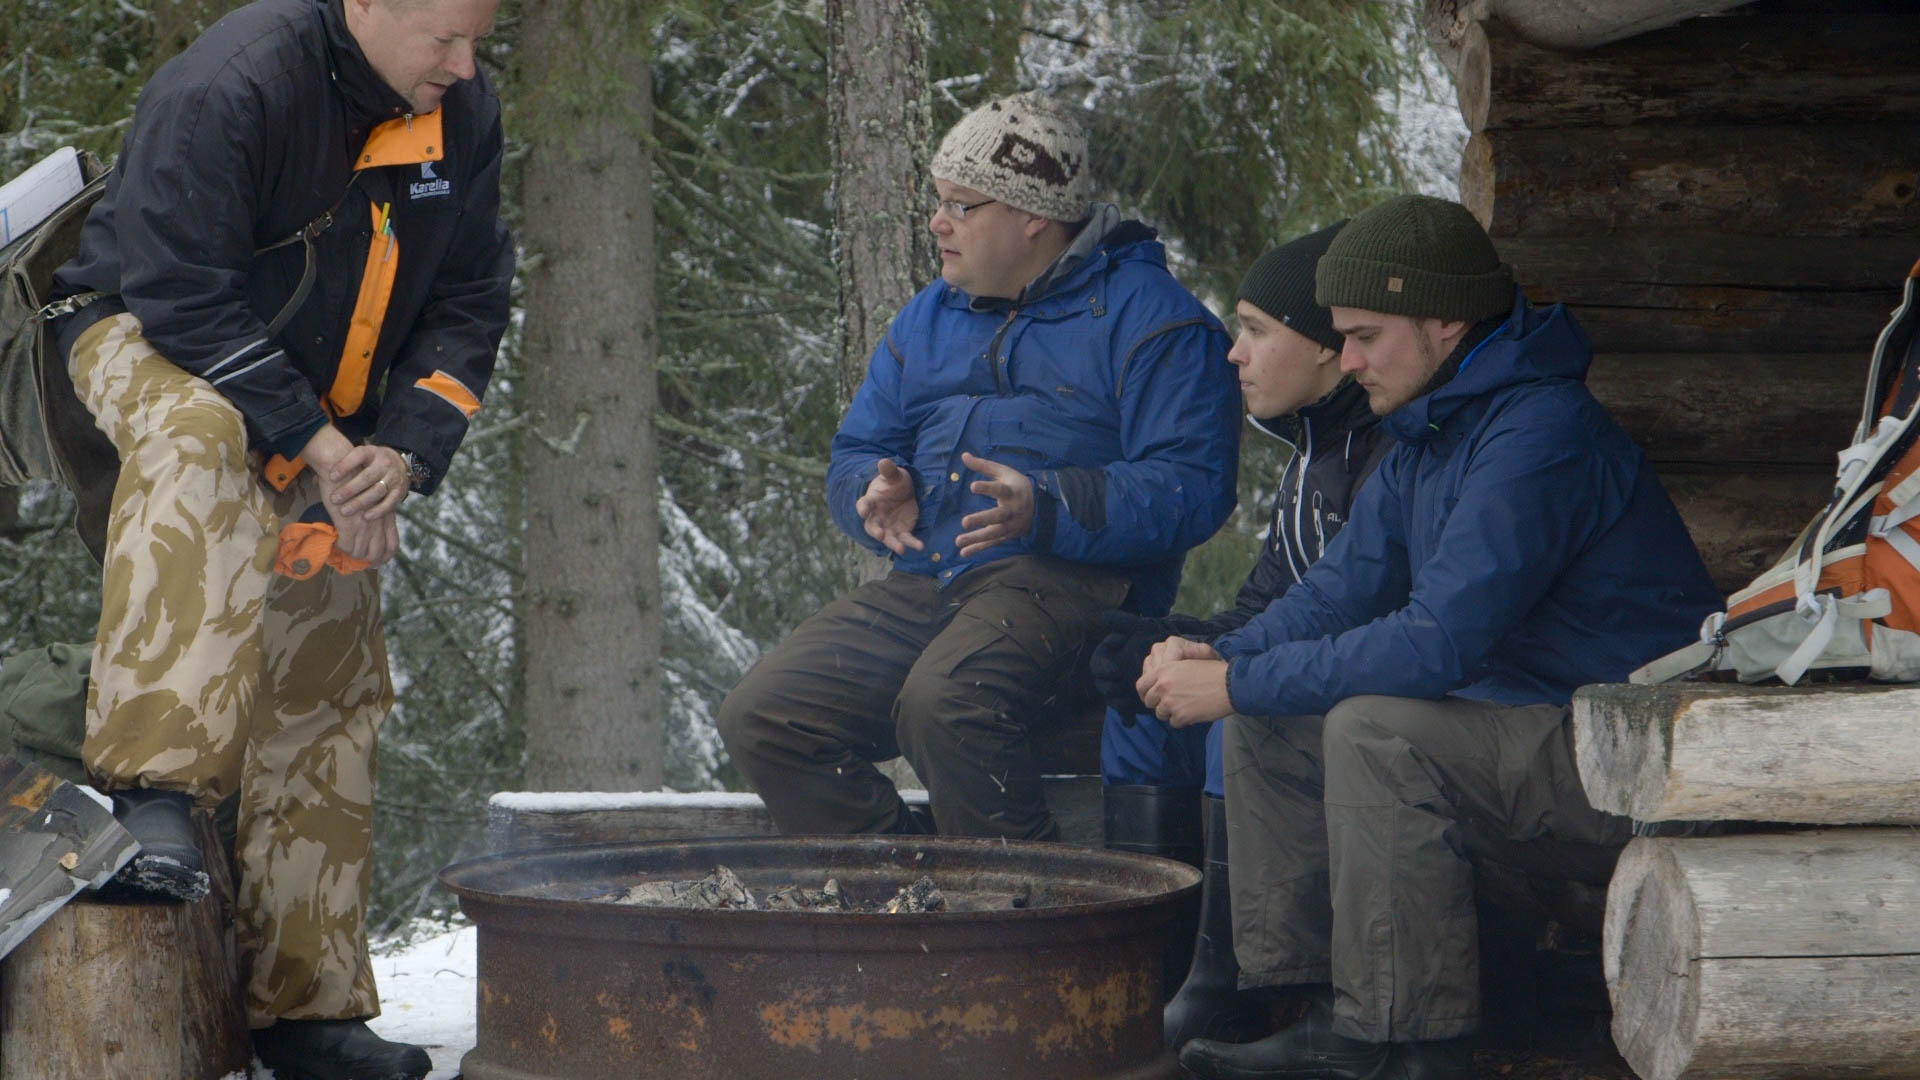 Tarmo, Tero, and students, Ilkka & Joose - video still, Tom Miller